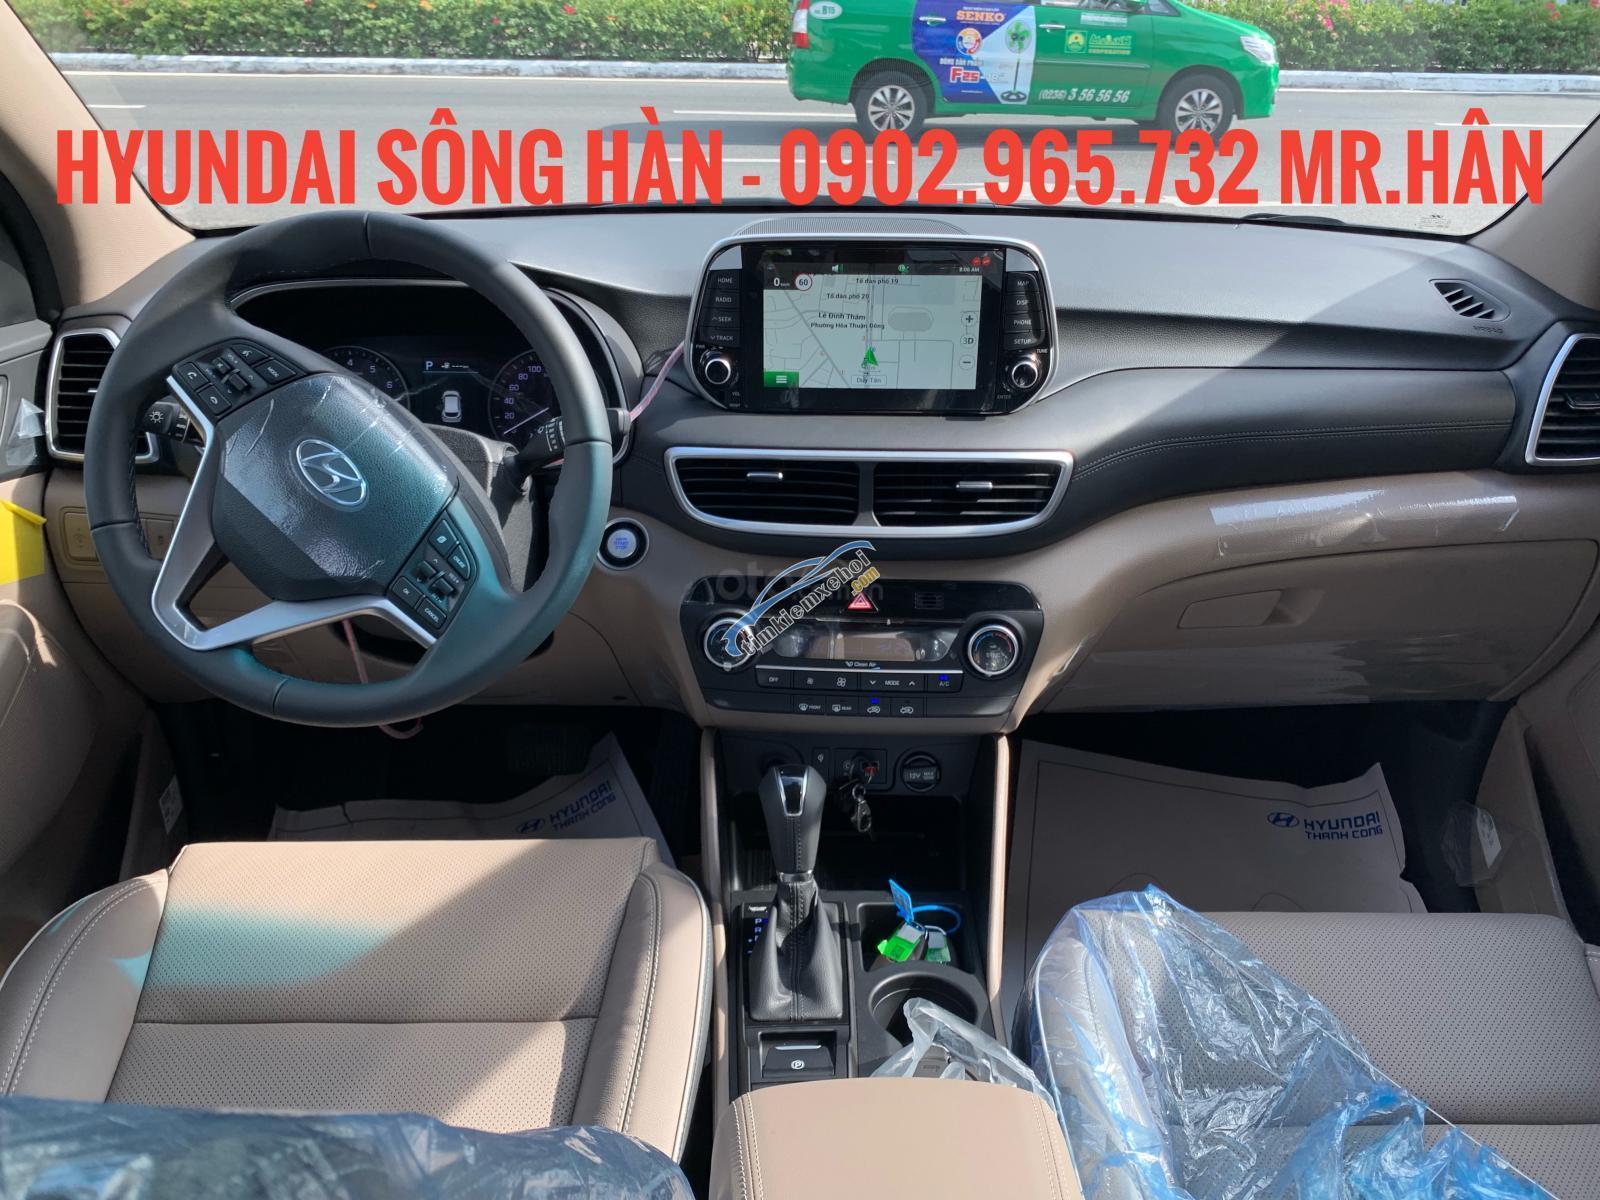 Bán xe Hyundai Tucson đời 2019, giá tốt nhất Miền Trung, LH: Hữu Hân 0902 965 732